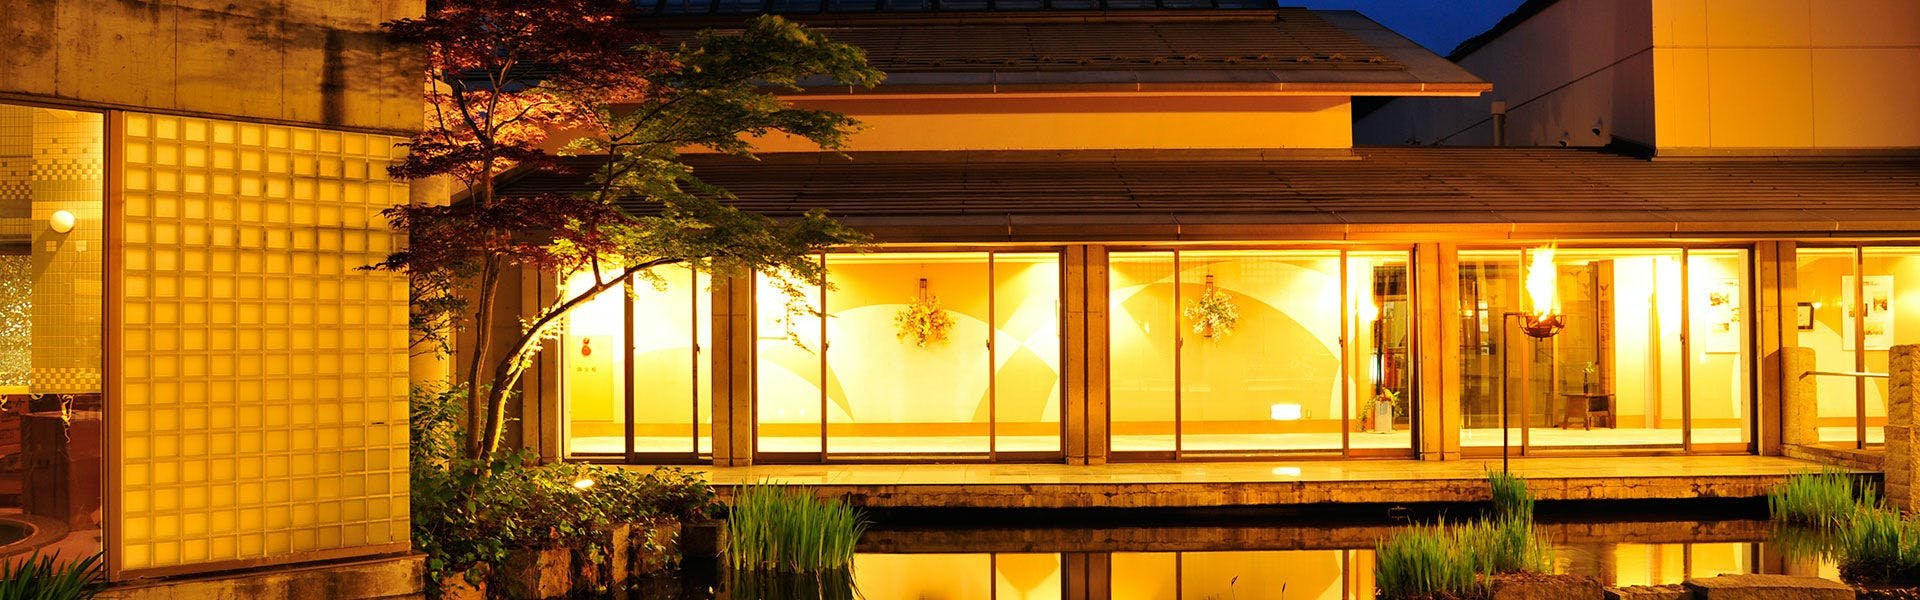 記念日におすすめのホテル・【源泉湯の宿 紫翠亭】の写真1